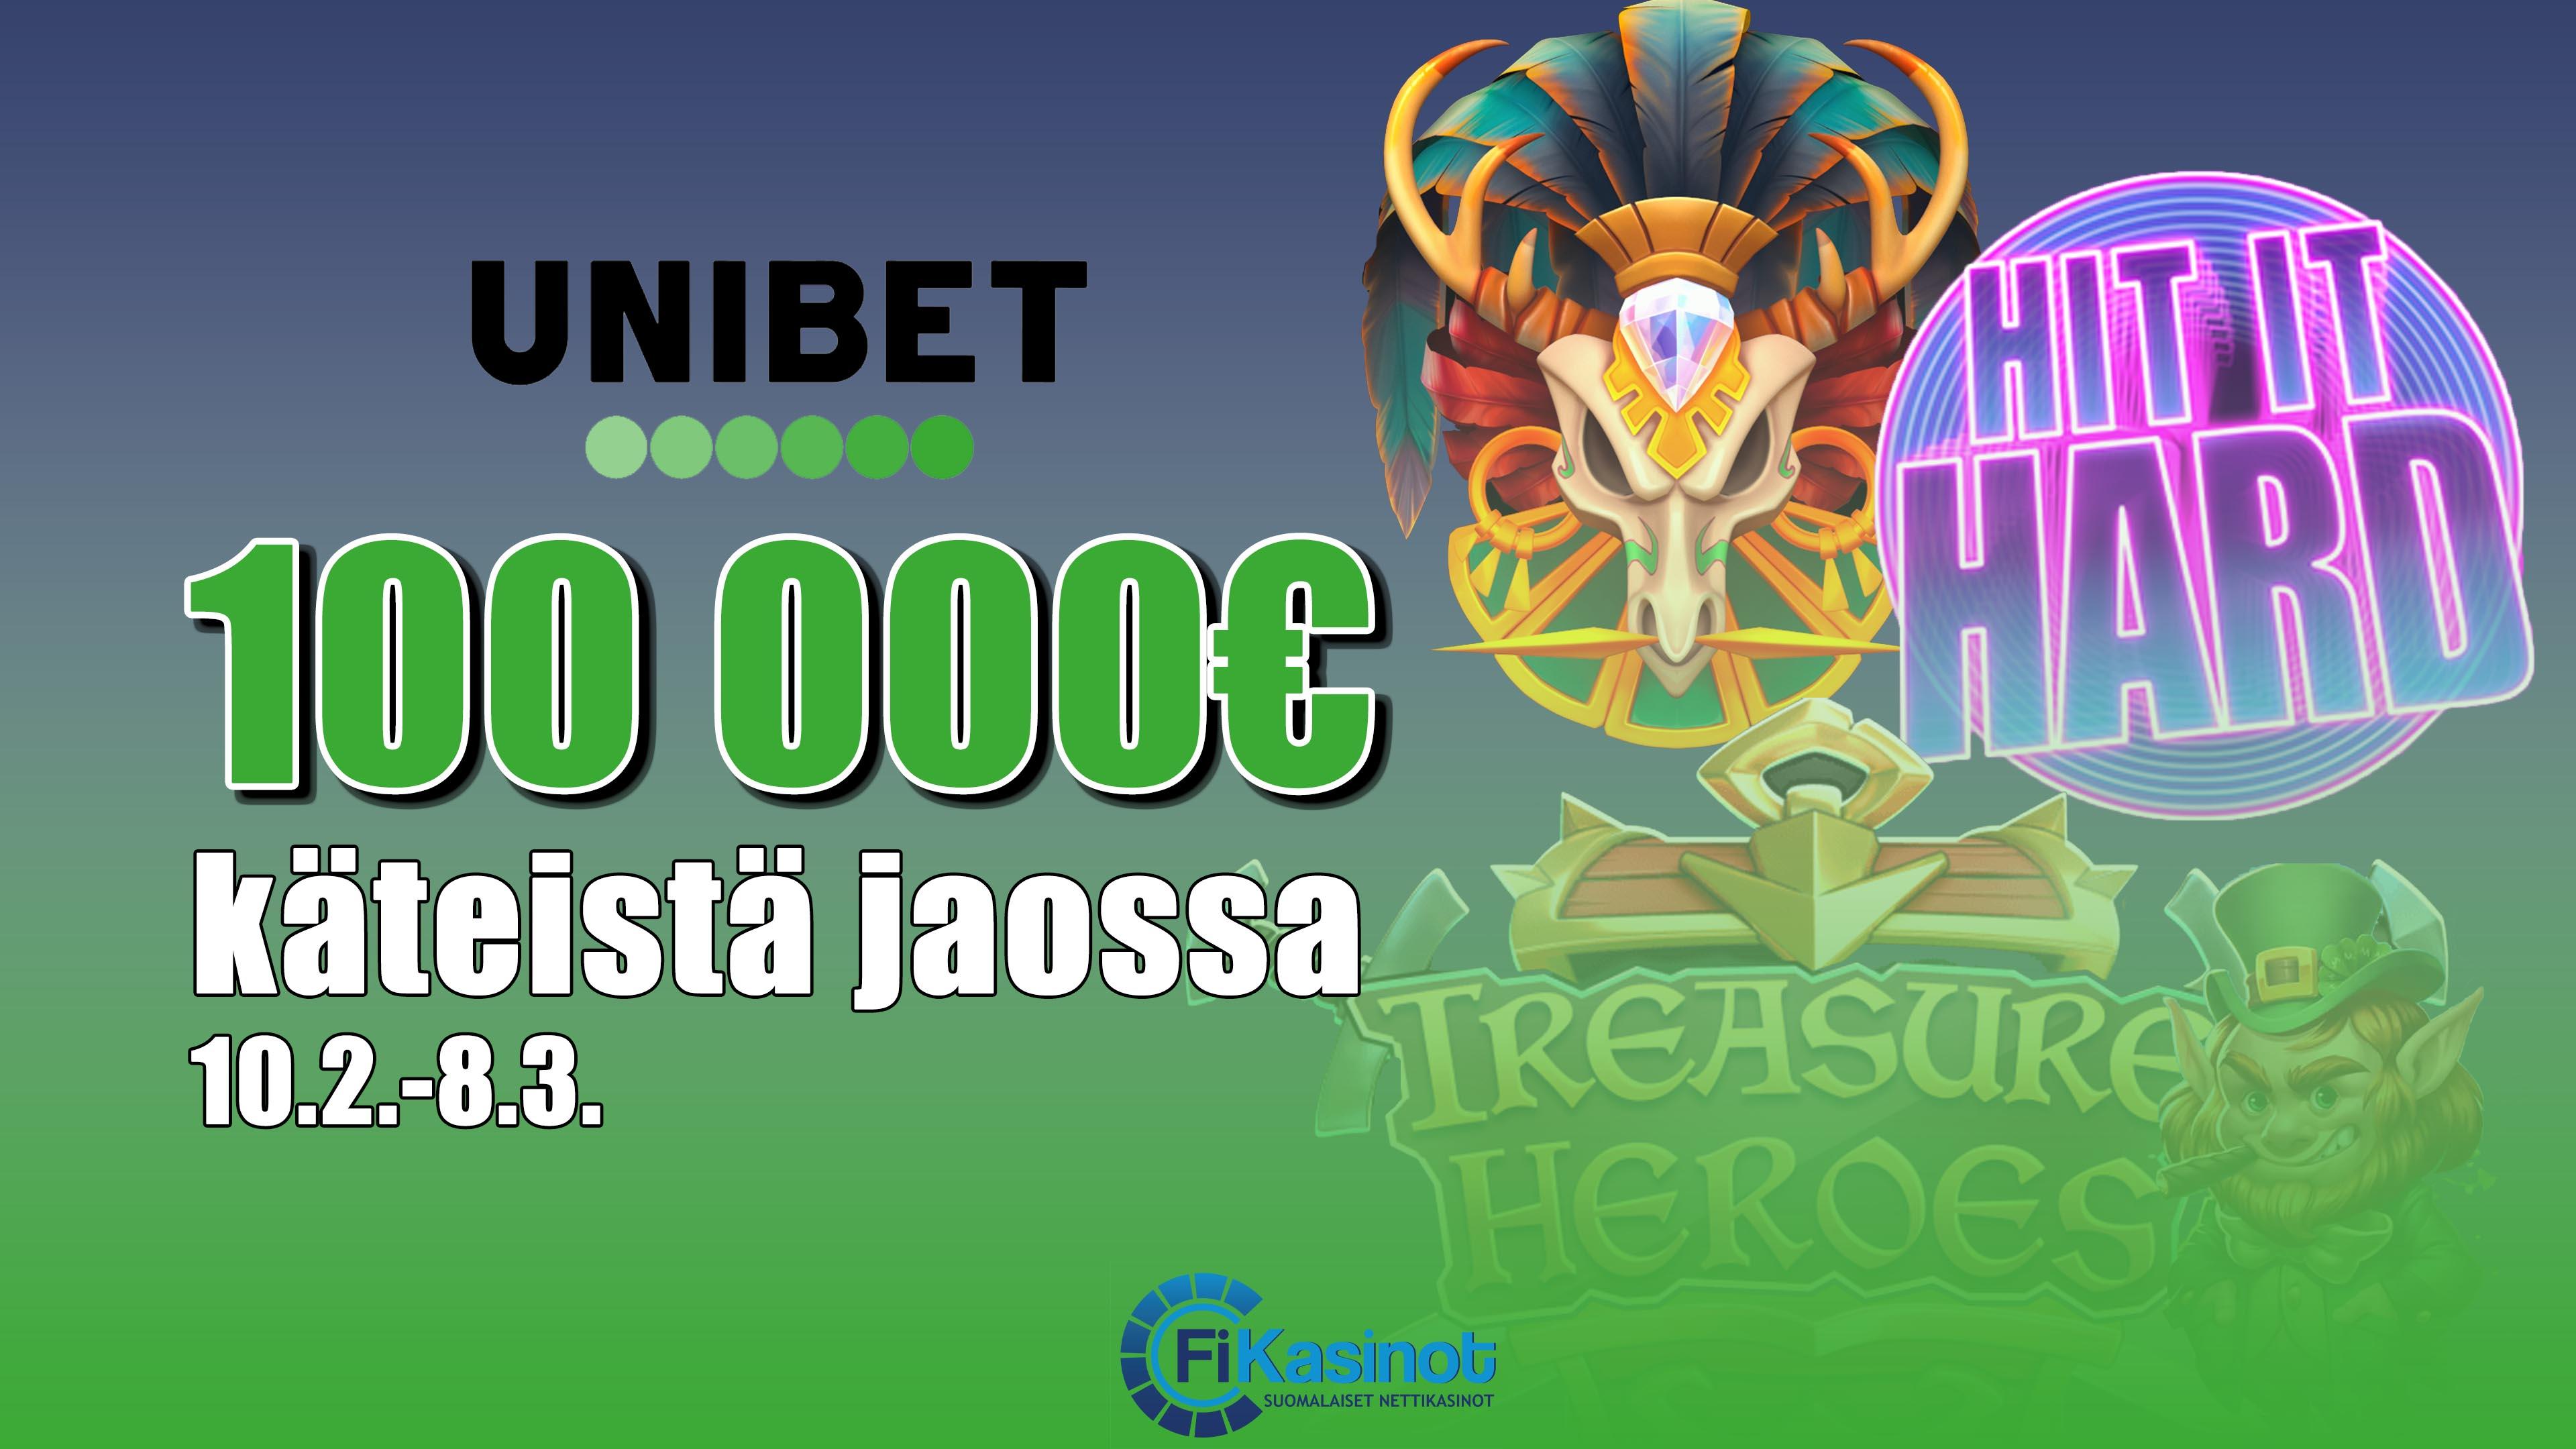 Unibetin 100 000 euron turnaukset